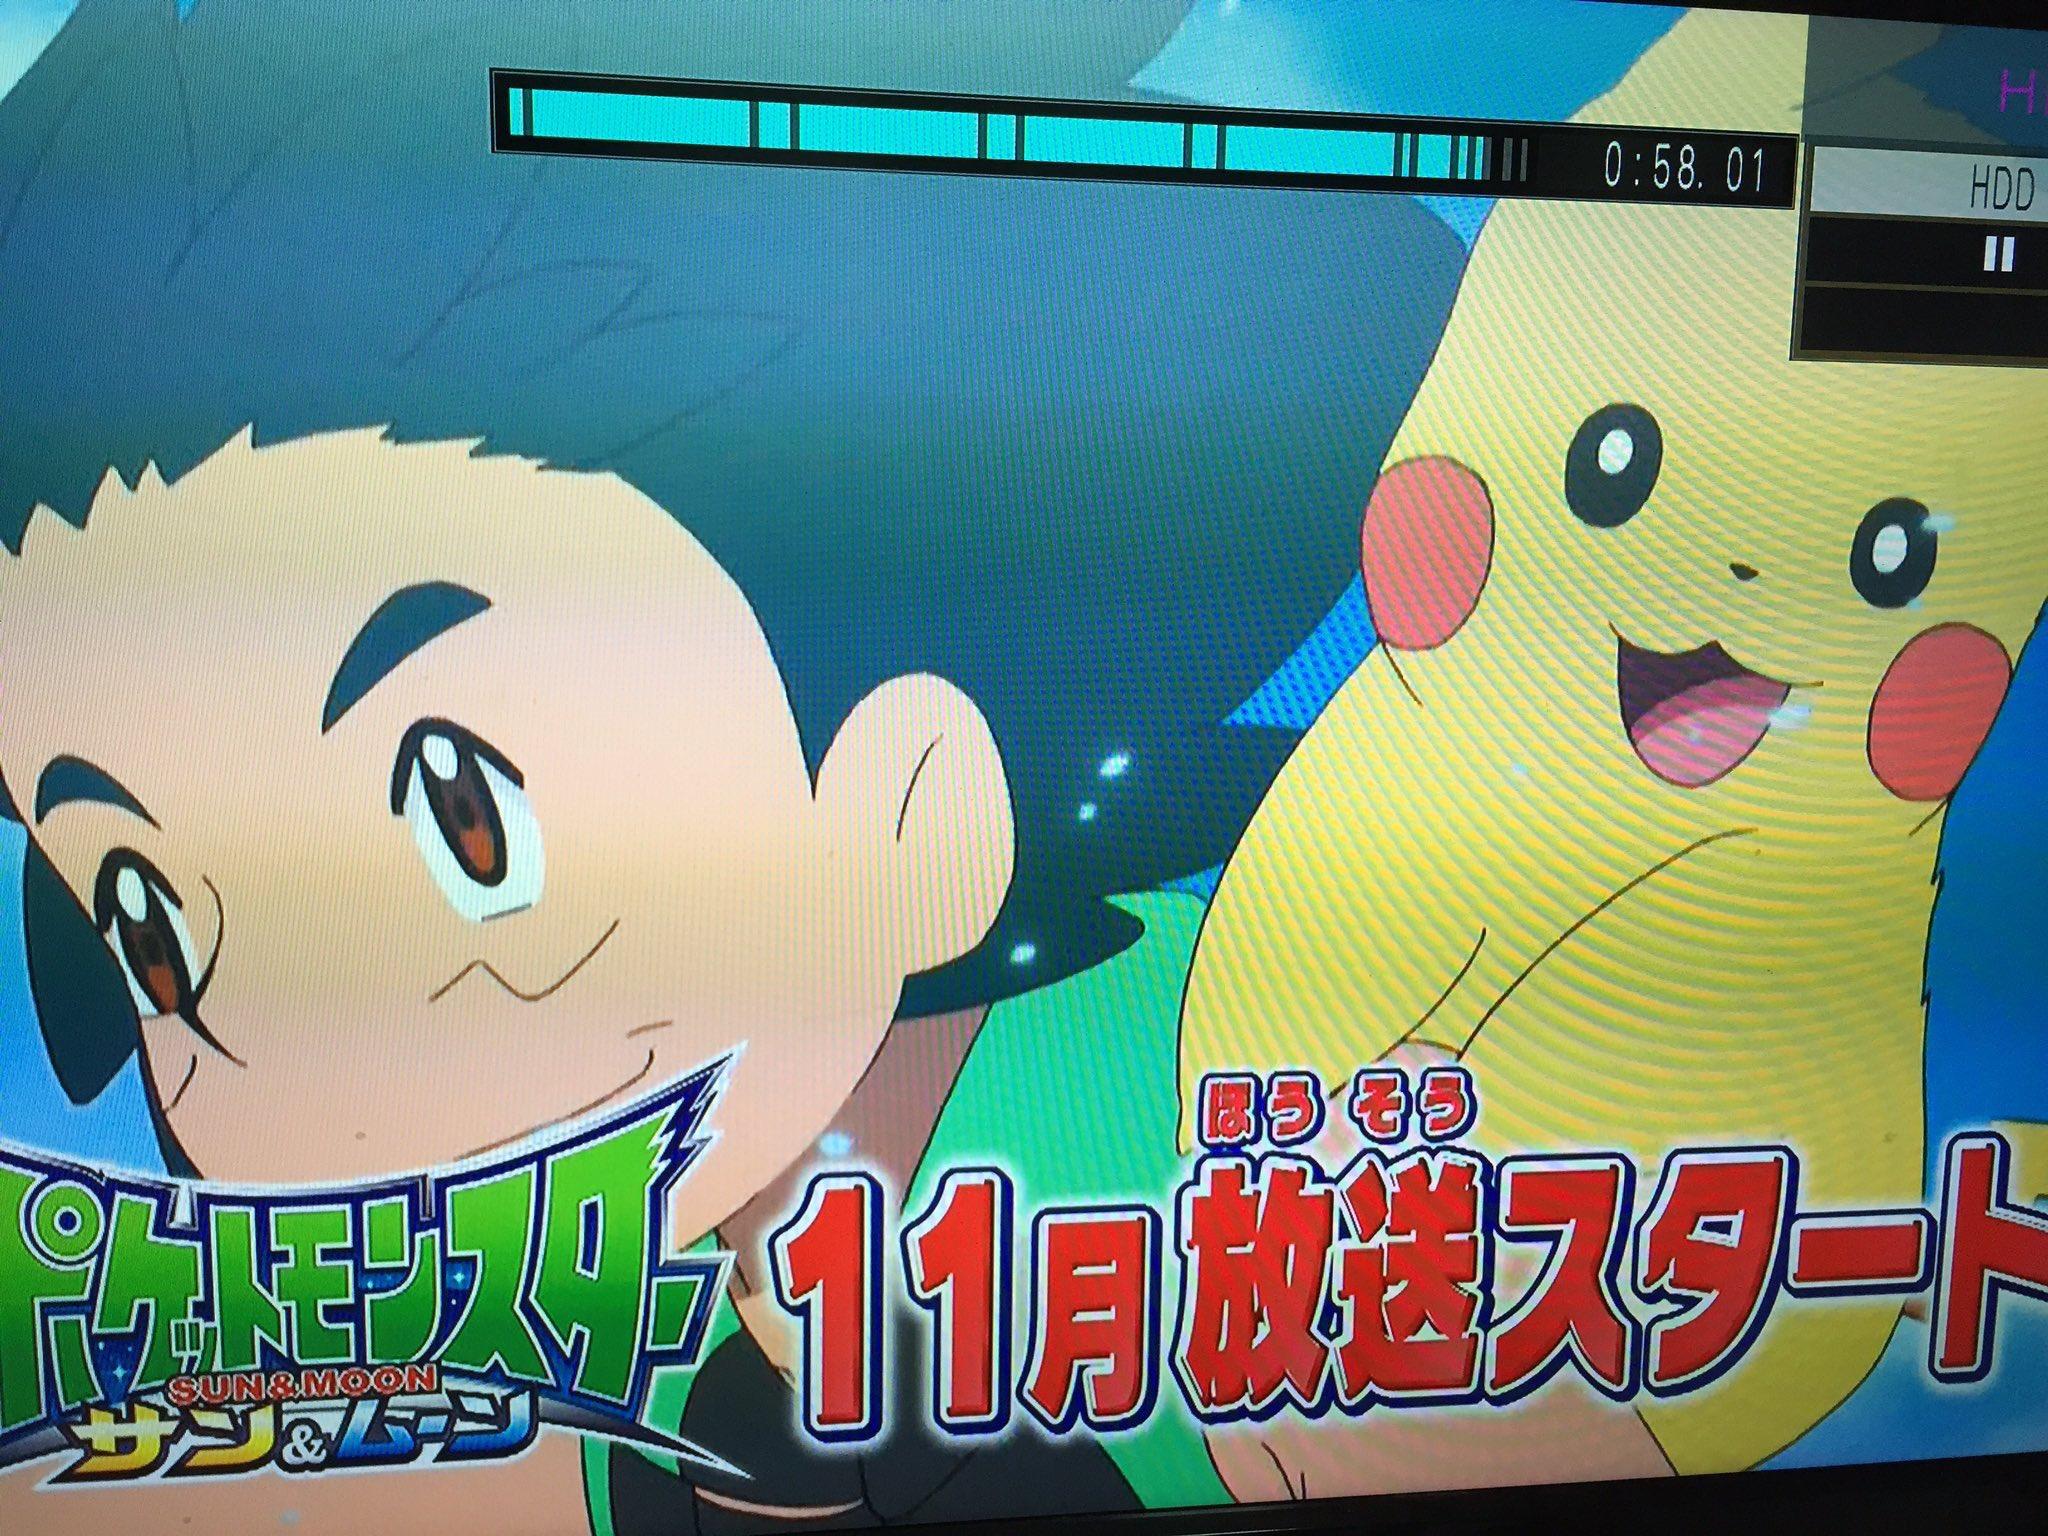 アニメ『ポケモンサン&ムーン』が作画崩壊だと話題に → 「中割りが作画